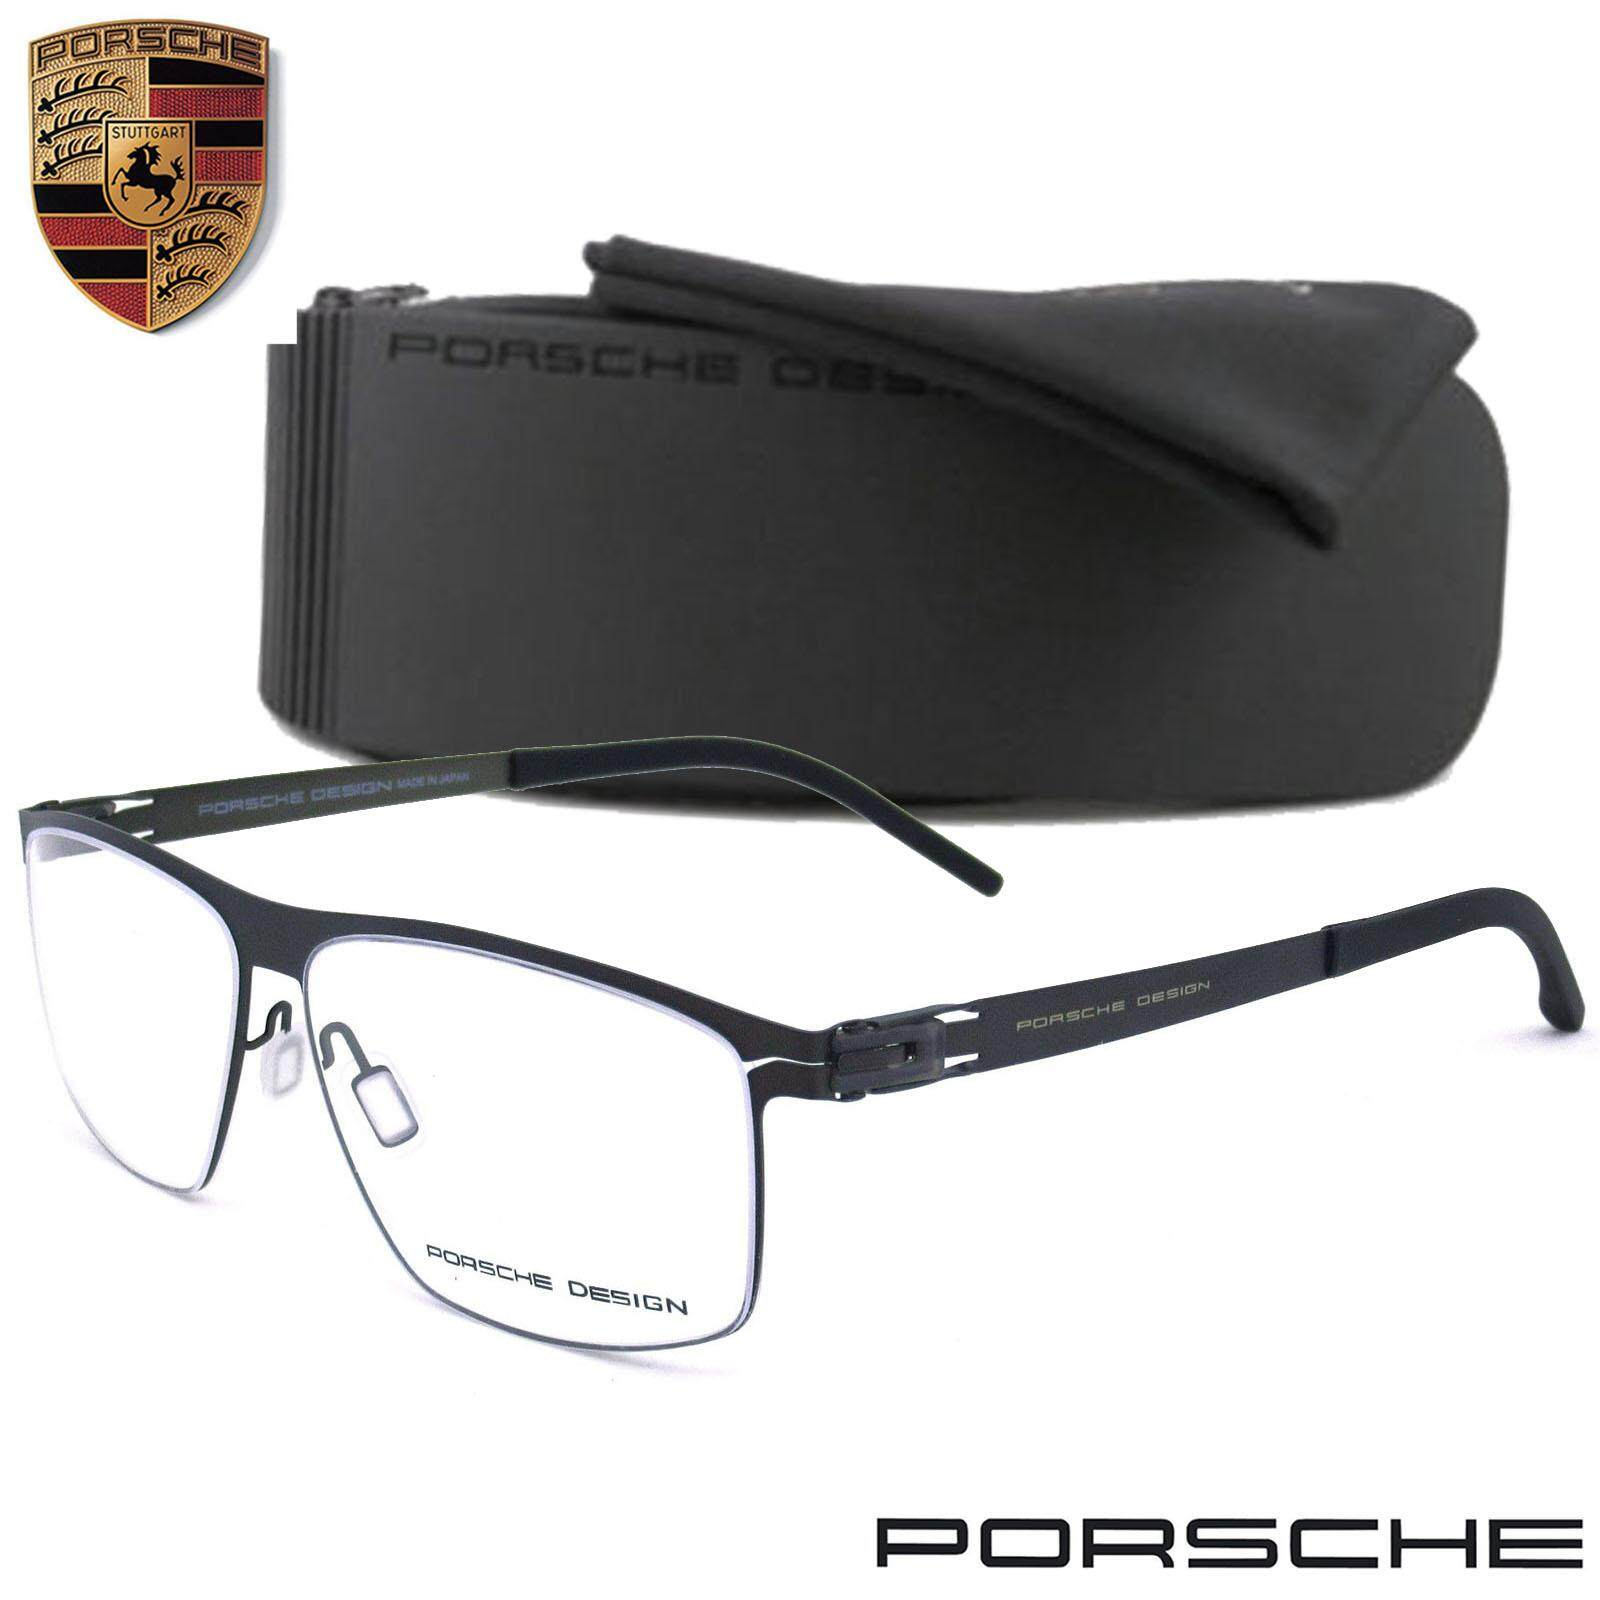 ทบทวน Porsche Design แว่นตา รุ่น 1081 ทรงสปอร์ต วัสดุ สแตนเลสสตีล หรือเหล็กกล้าไร้สนิม Stainless Steel ขาข้อต่อ กรอบแว่นตา